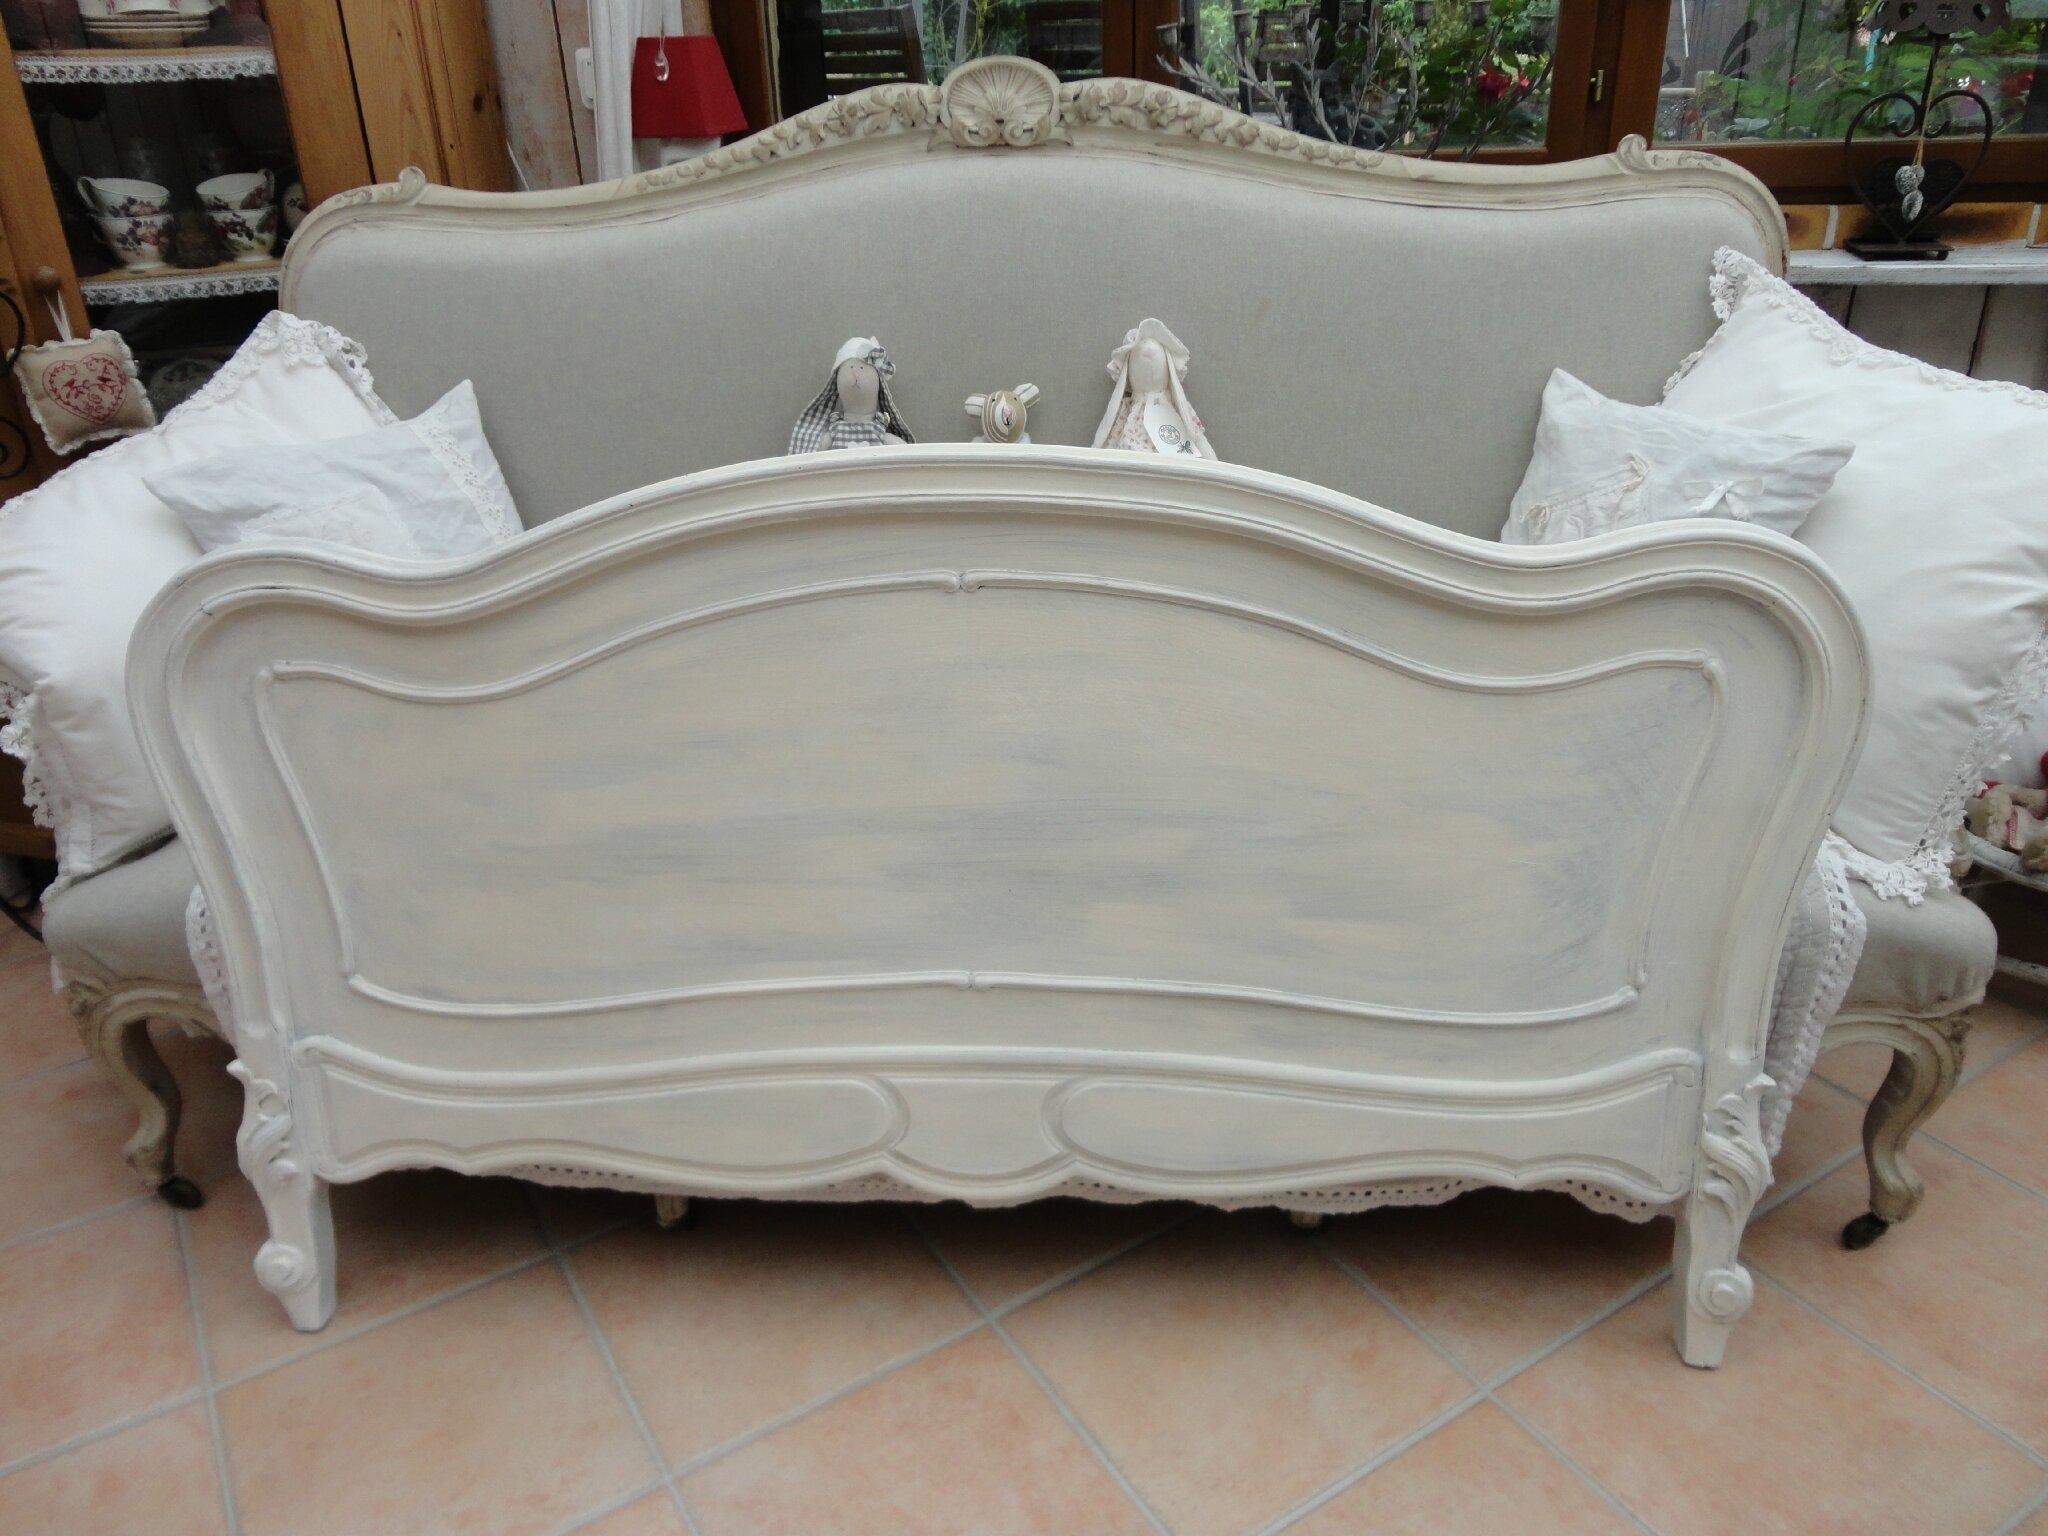 deco charme 77 free deco charme 77 with deco charme 77. Black Bedroom Furniture Sets. Home Design Ideas